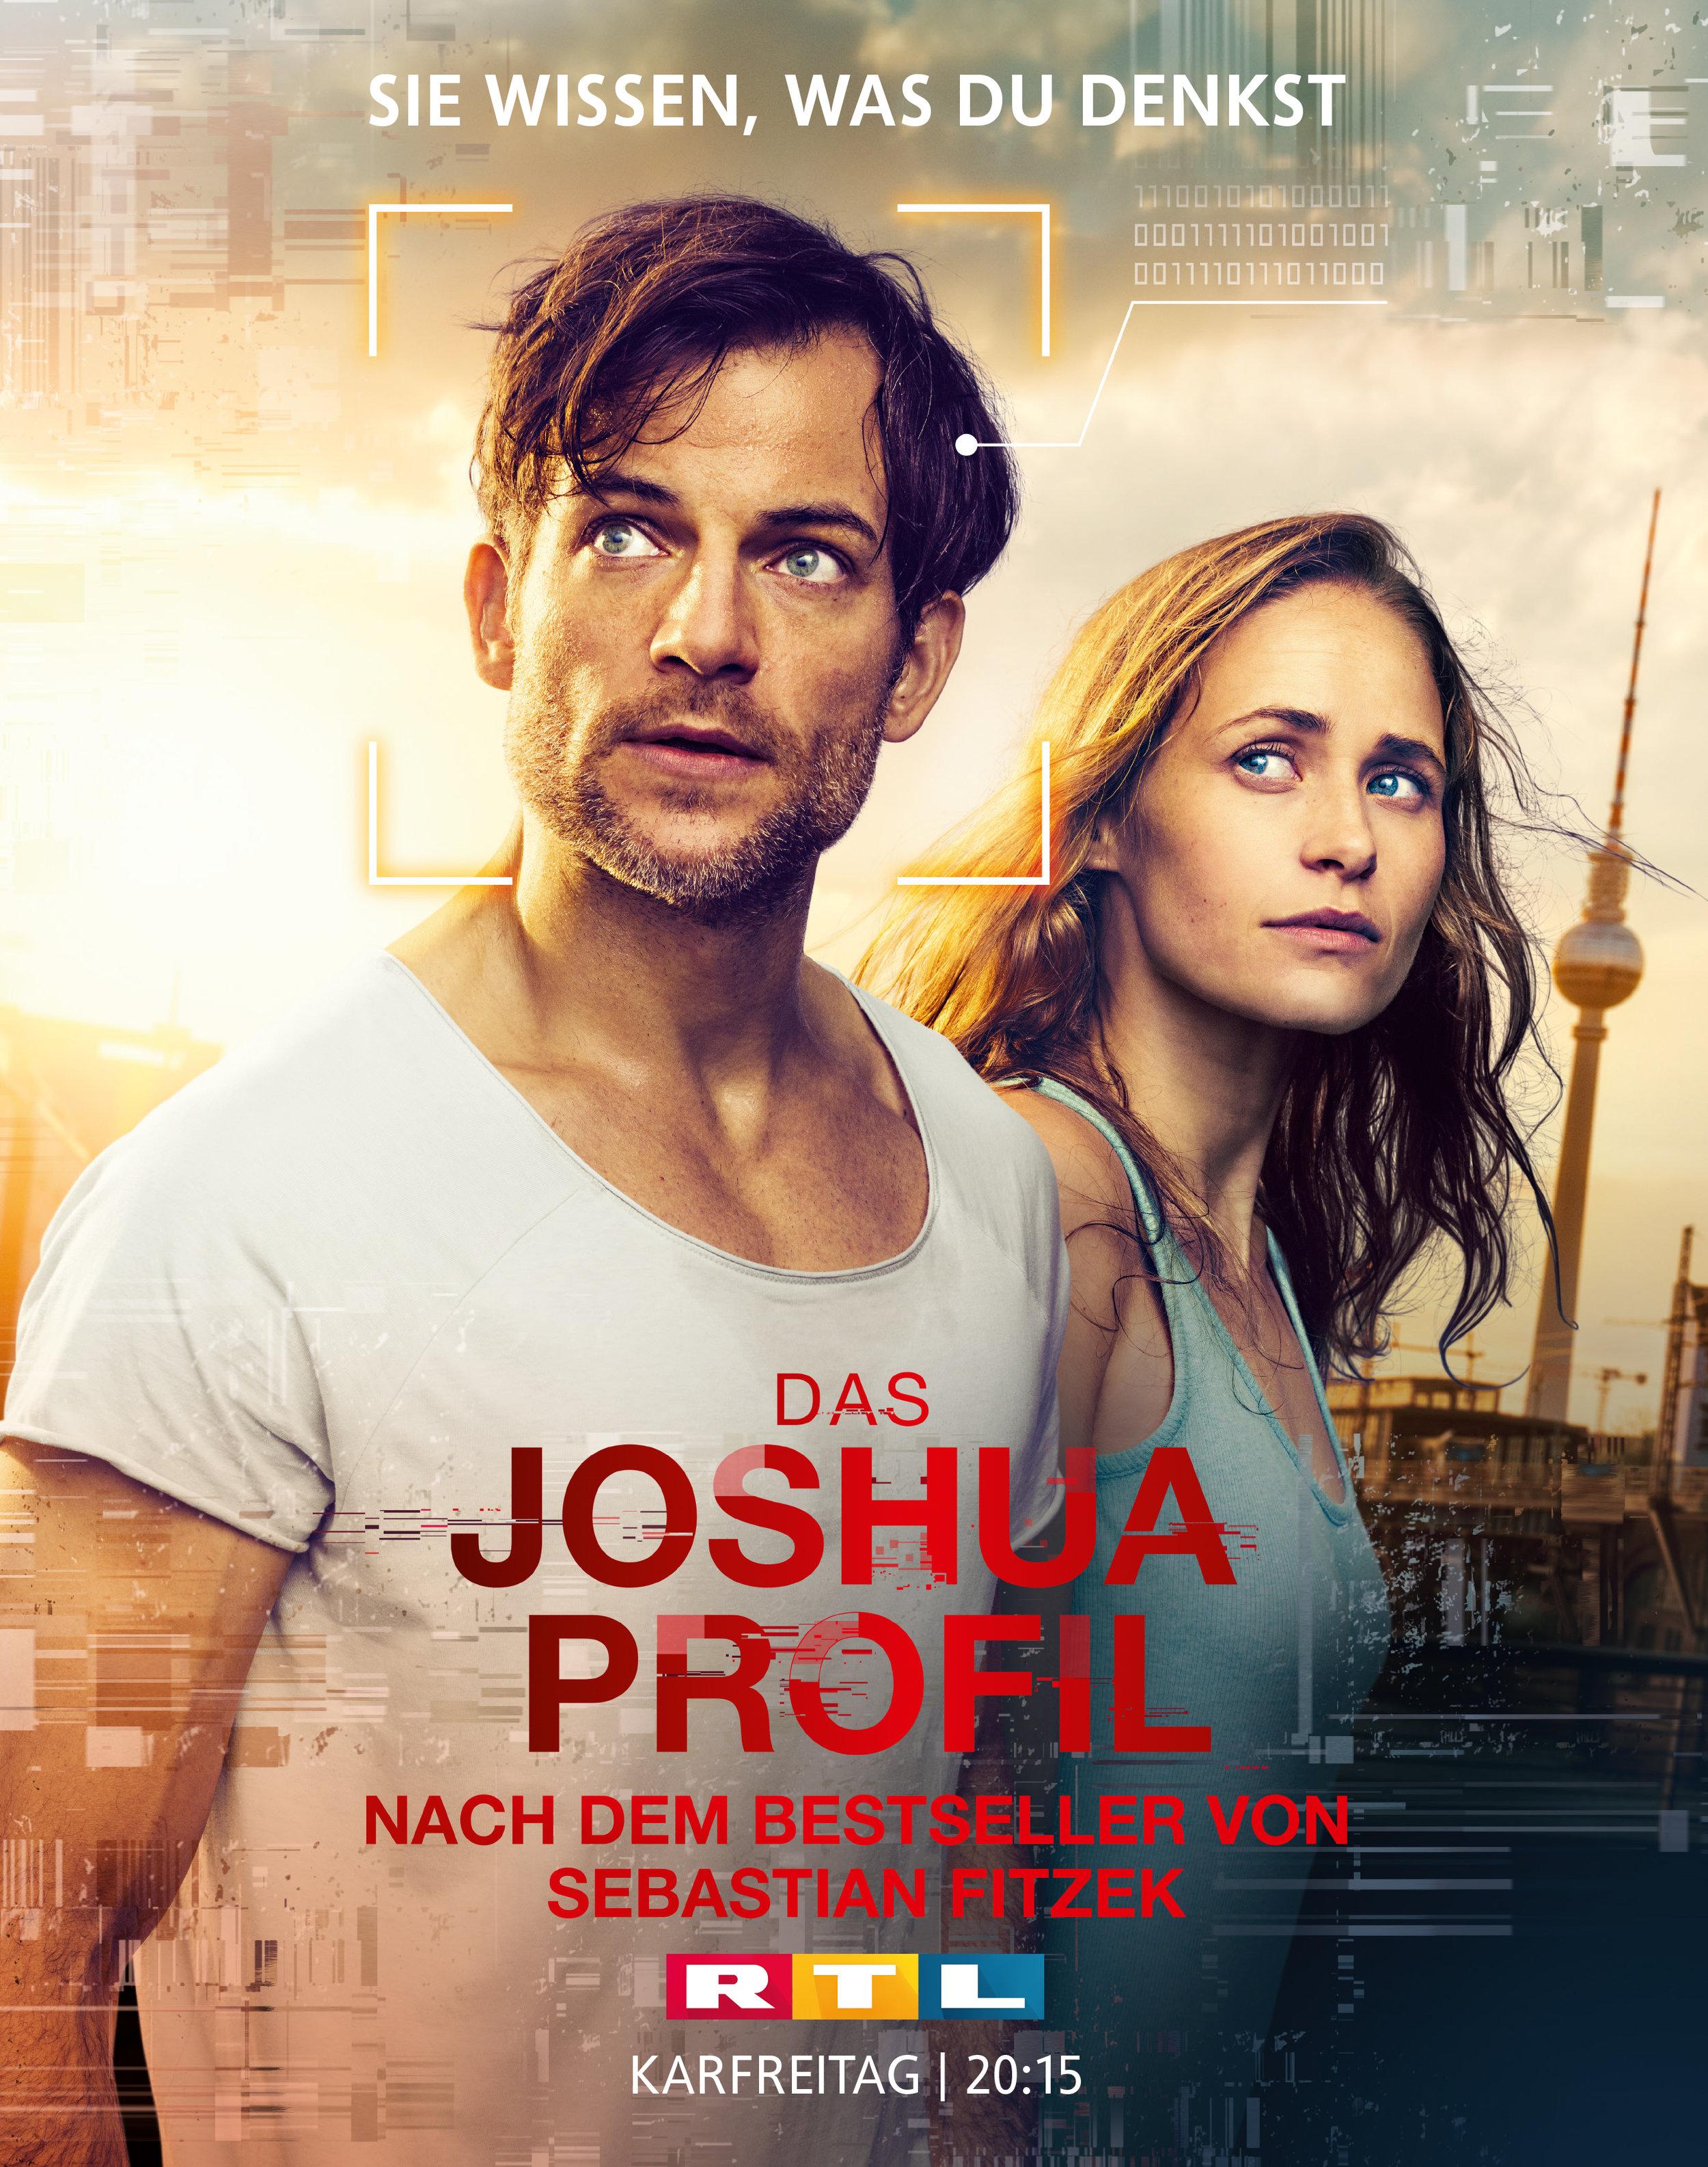 Joshua-Anzeige_Verîffentlichung+ab+02.03..jpg